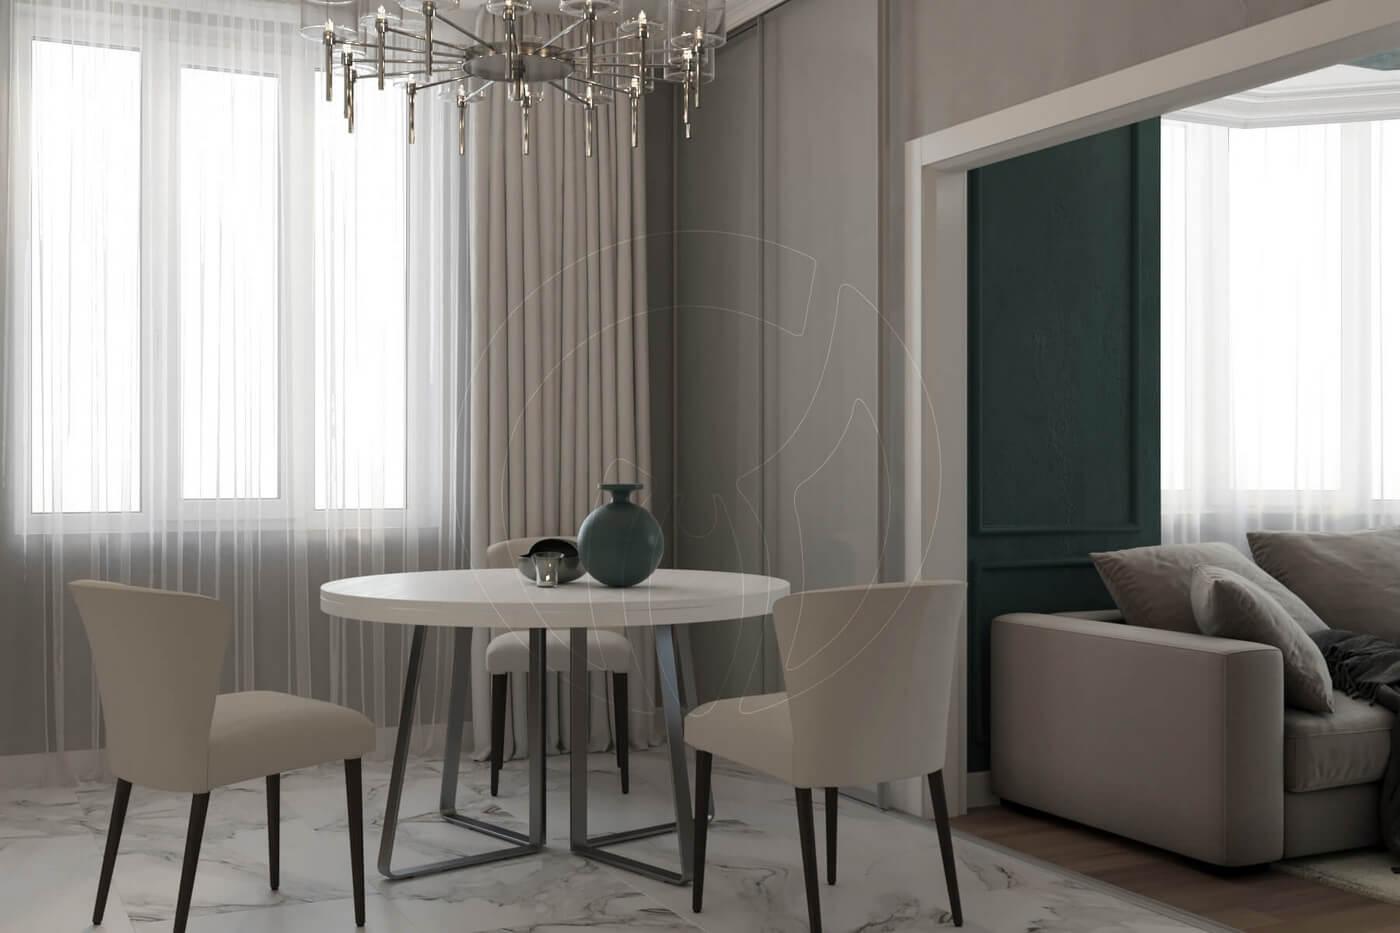 """Квартира в стиле """"современная классика"""". Кухня/студия в современной классике"""